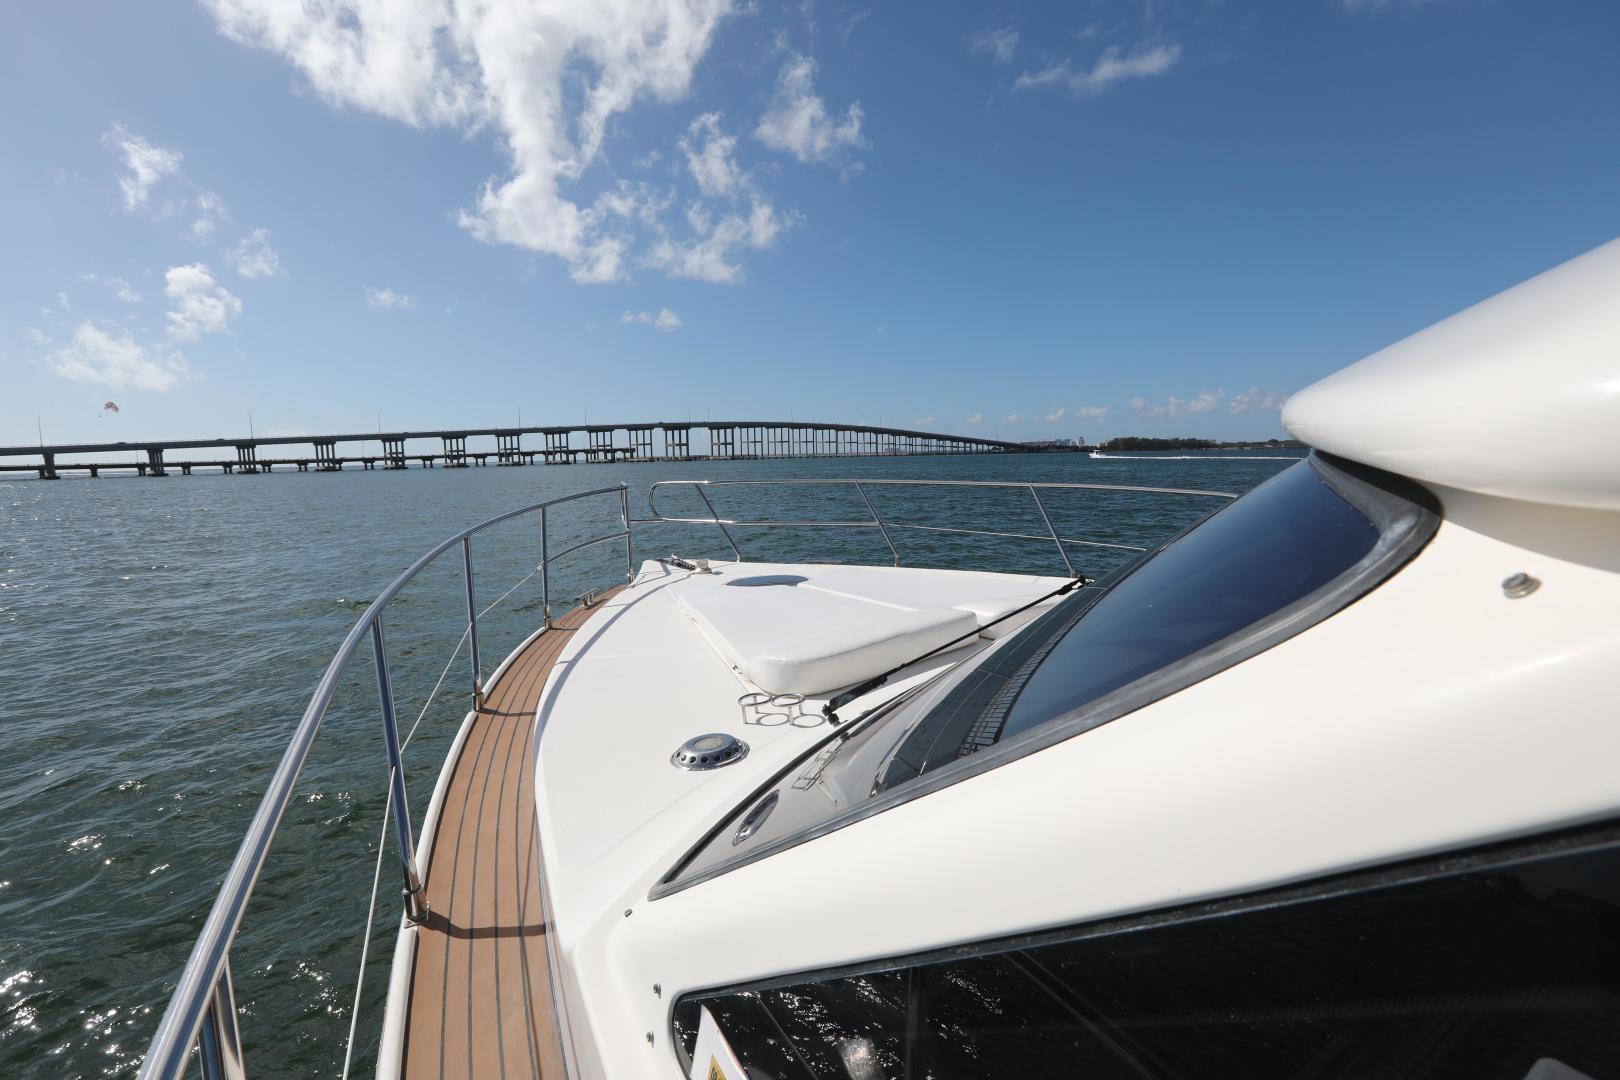 Rodman-Flybridge 2004-La Meli Miami Beach-Florida-United States-1566556 | Thumbnail